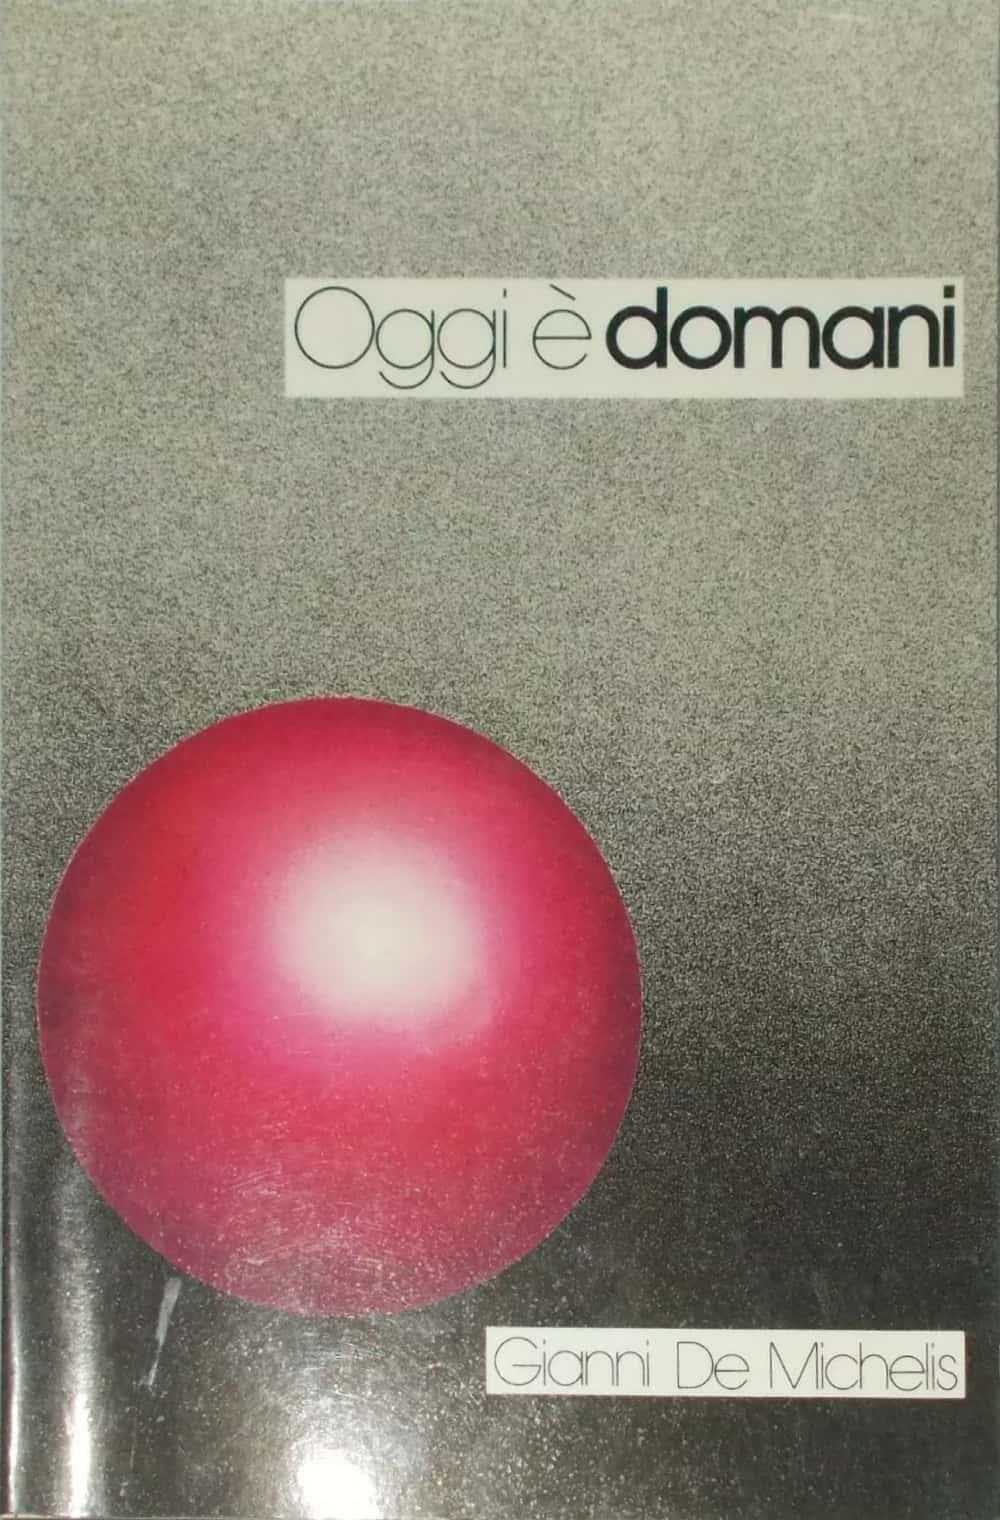 Di Gianni De Michelis di raro non c'è solo il libro sulle discoteche…